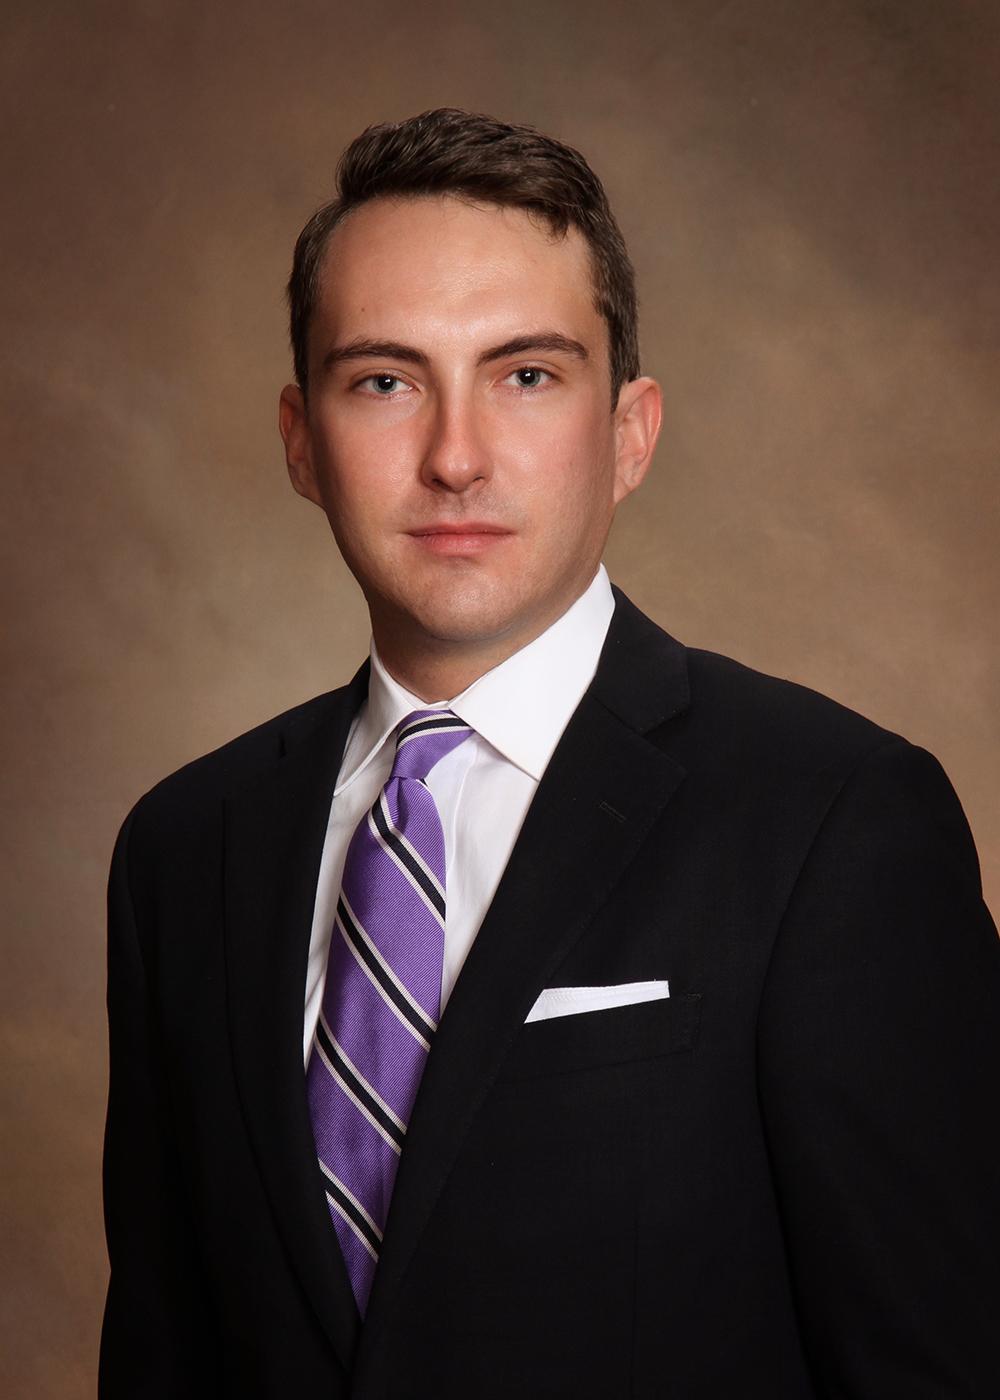 KRBHK welcomes Mac Bouldin as our summer law clerk